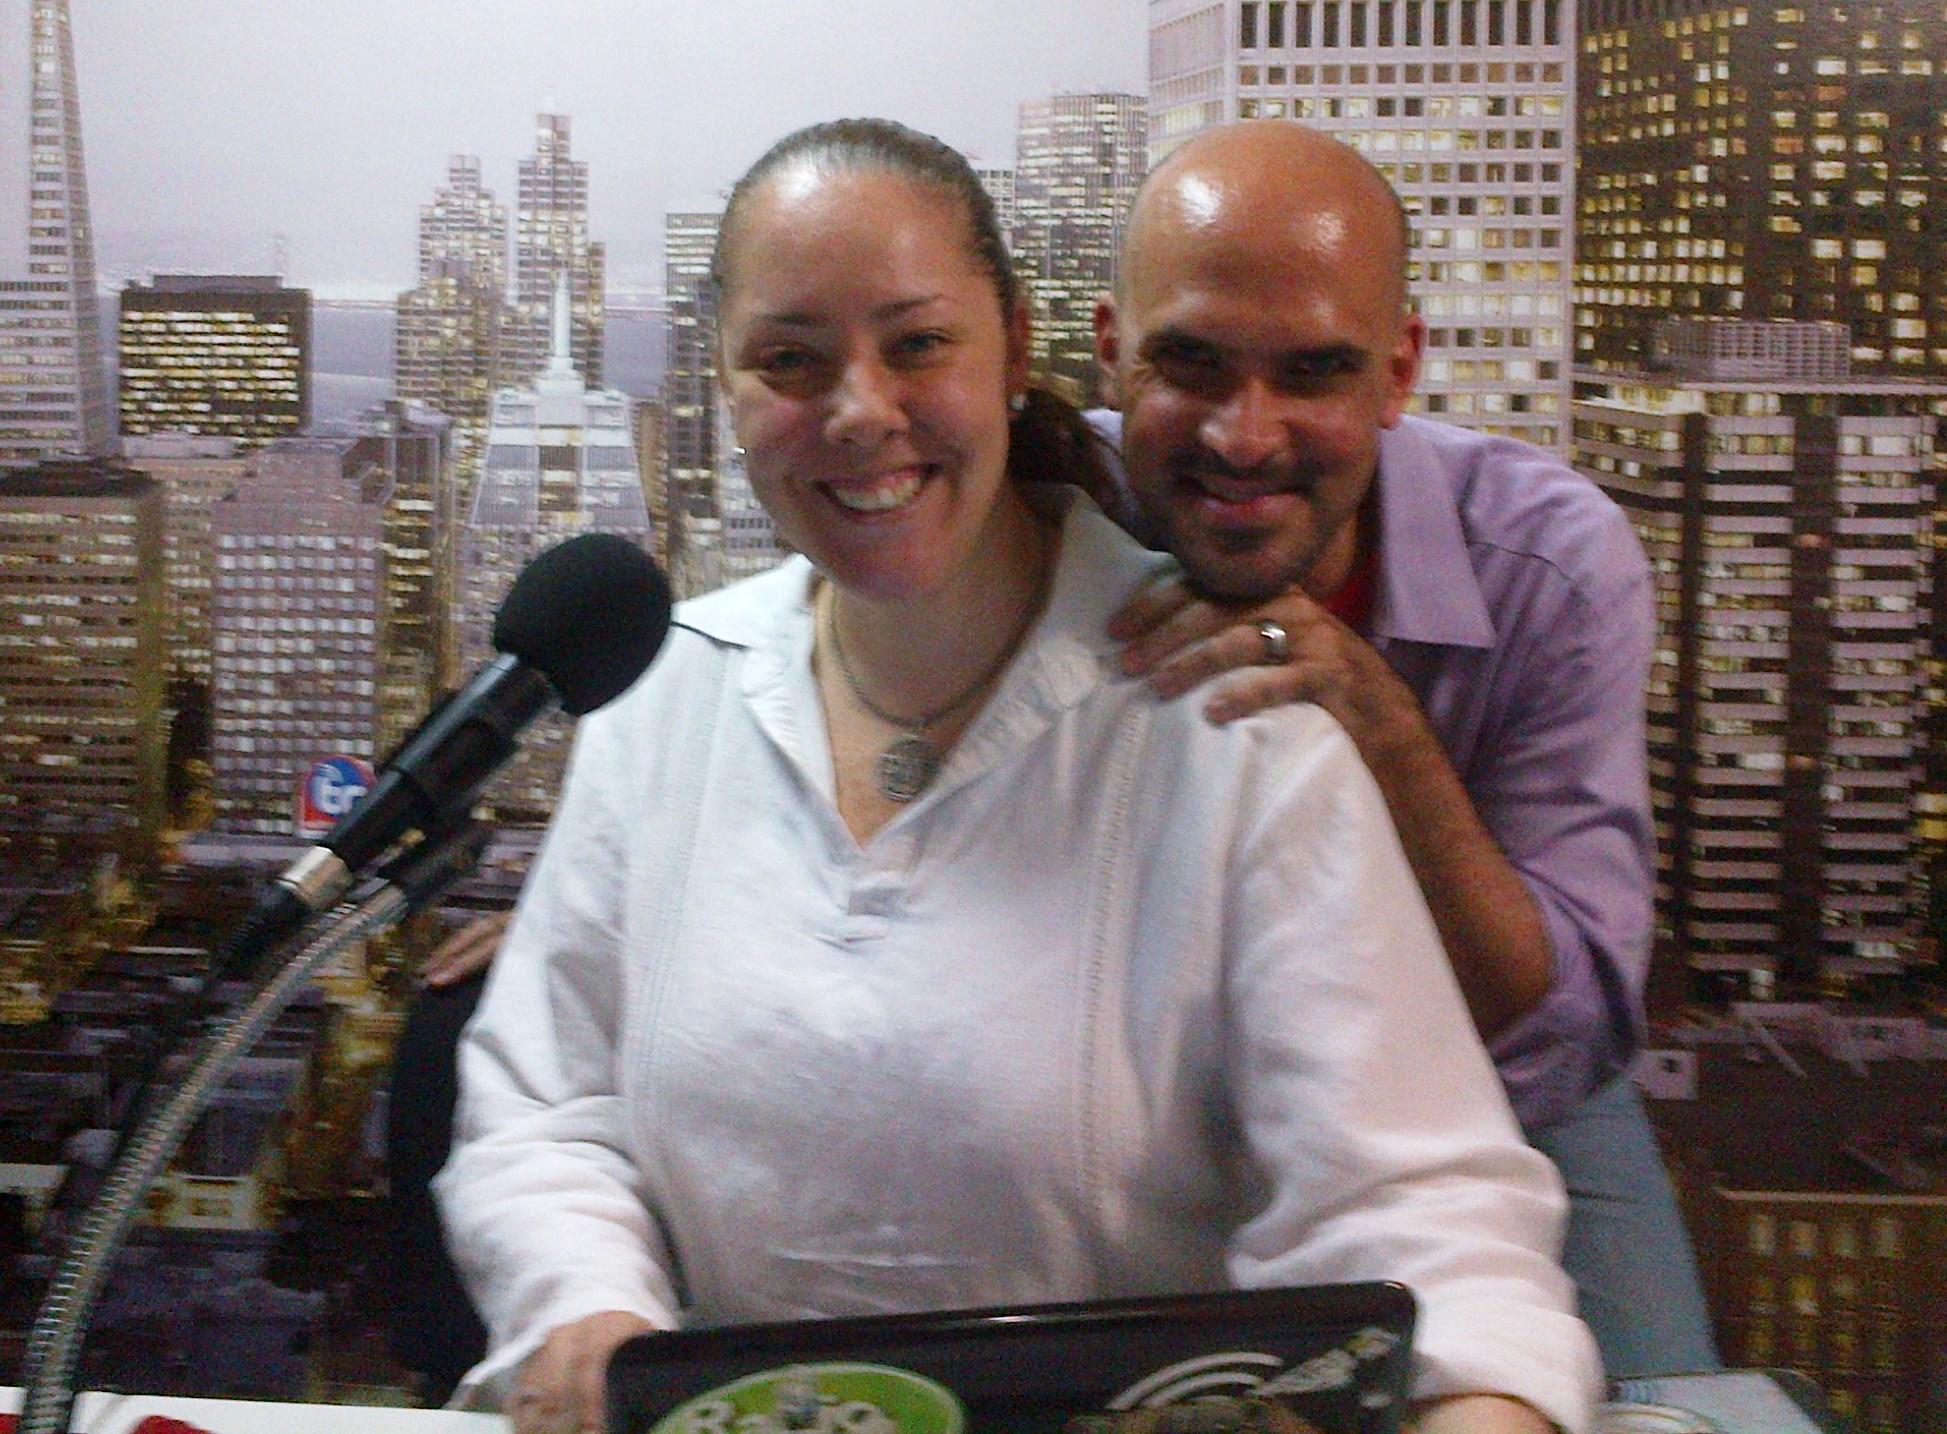 ... el Horoscopo de la Semana 10/03 con @HugoEscalante y @VirginiaEscobar